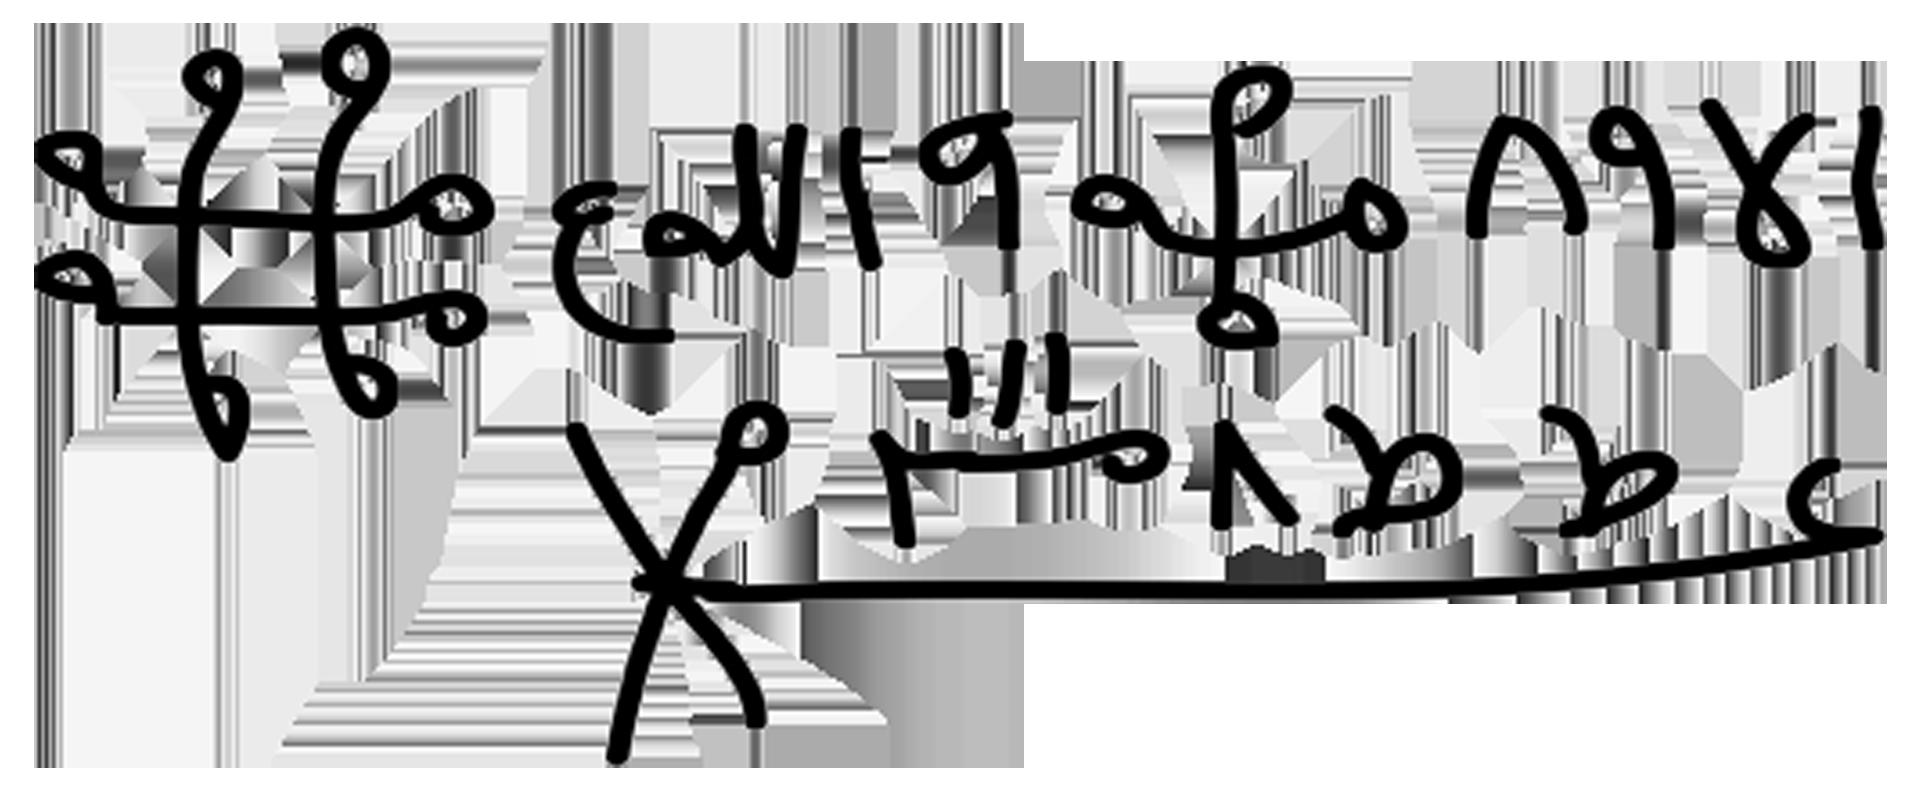 جلب الحبيب عن طريق اسمه واسم امه بوفق المحبة Blog Posts Math Blog